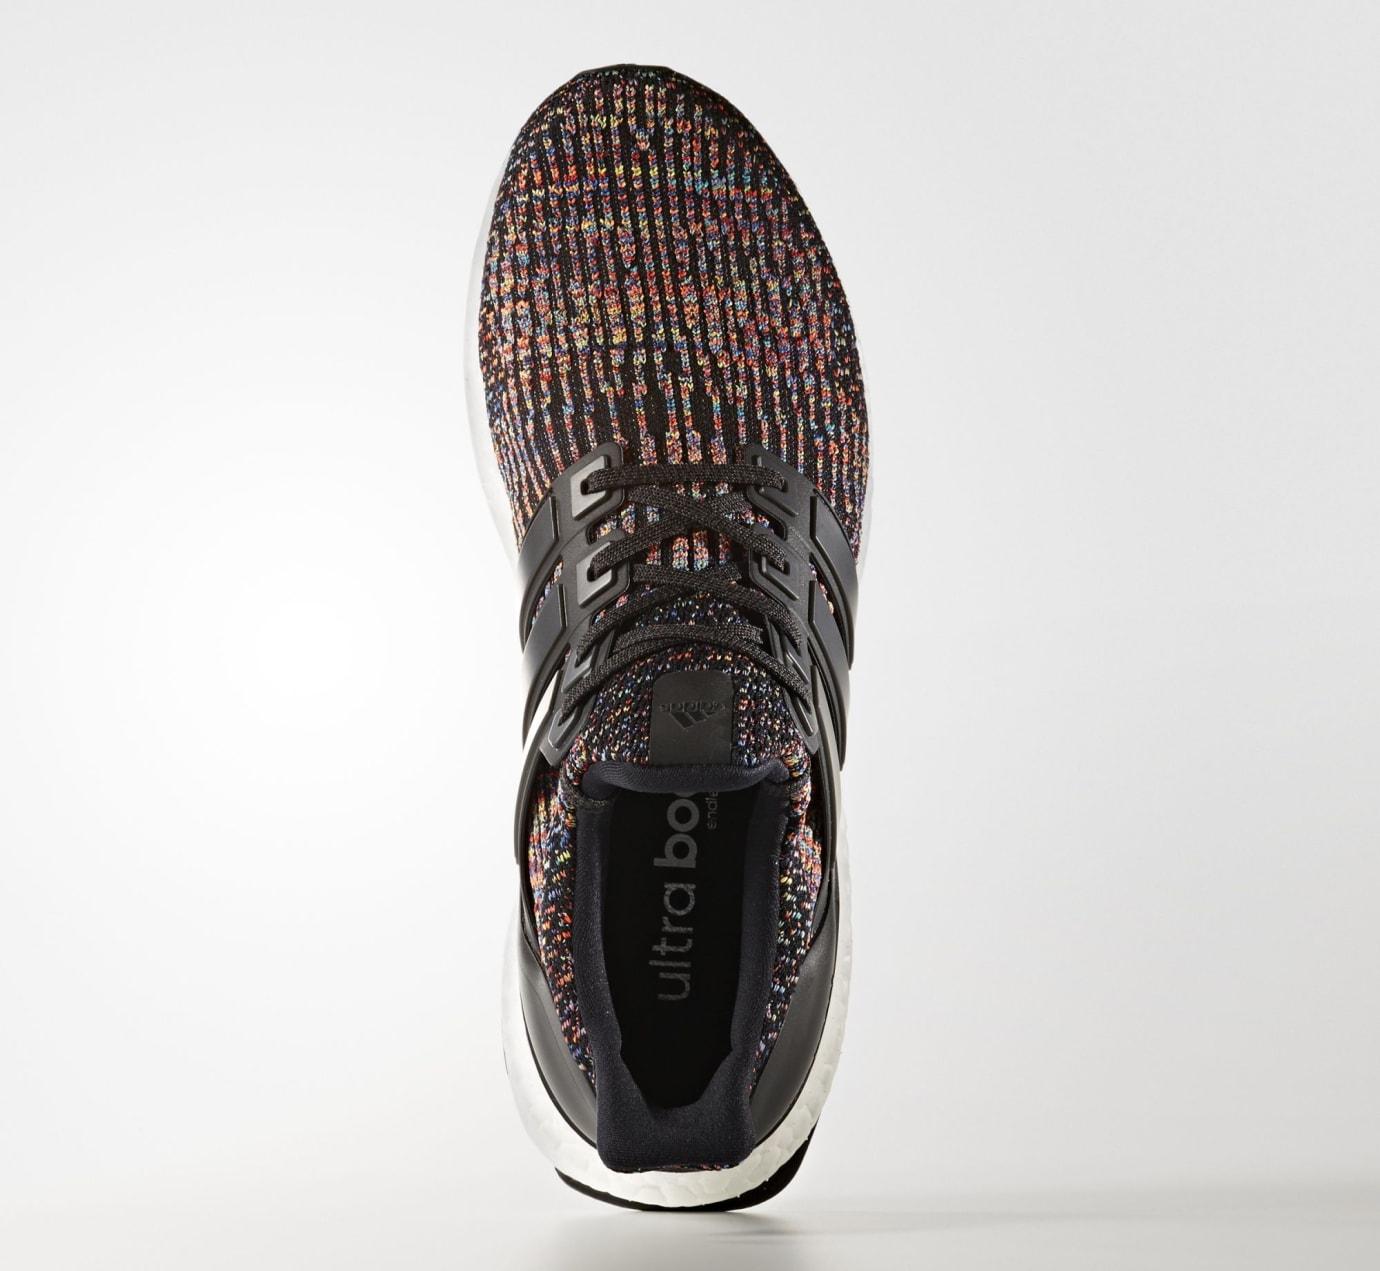 Multicolor Adidas Ultra Boost 3 CG3004 Top